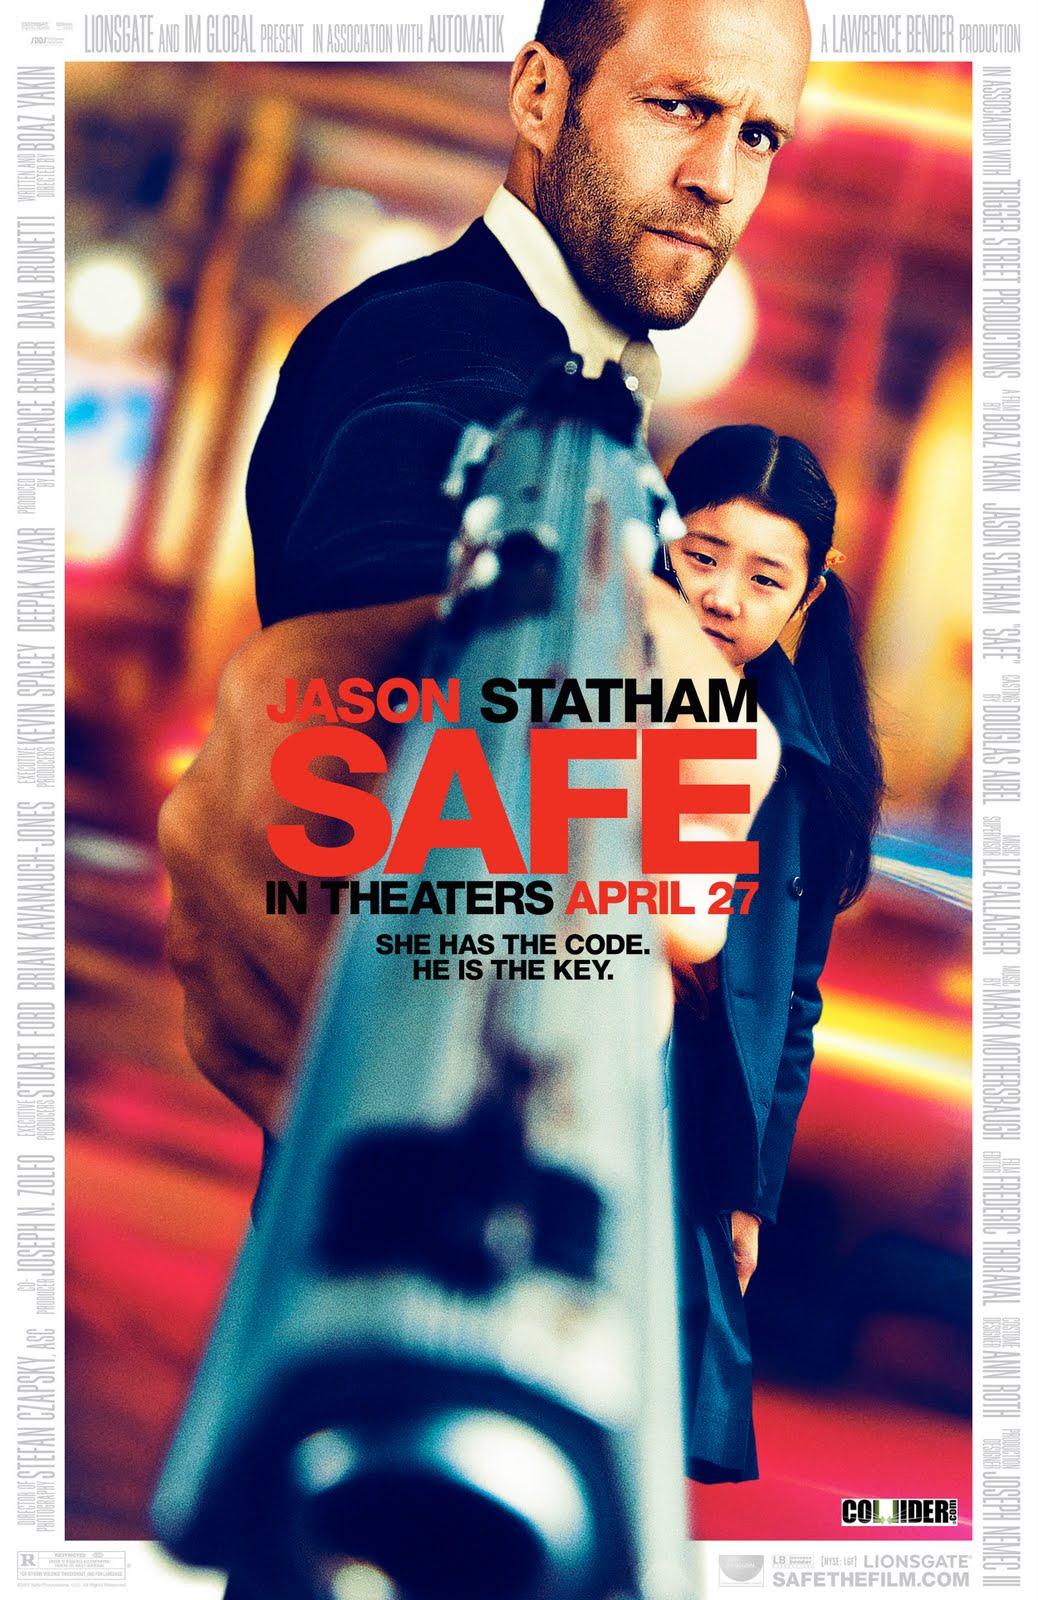 http://3.bp.blogspot.com/-H894hN3YXGg/TyDRMsZWsxI/AAAAAAAAAuc/ZW_jgfJNig0/s1600/Safe-movie-poster-Jason-Statham.jpg